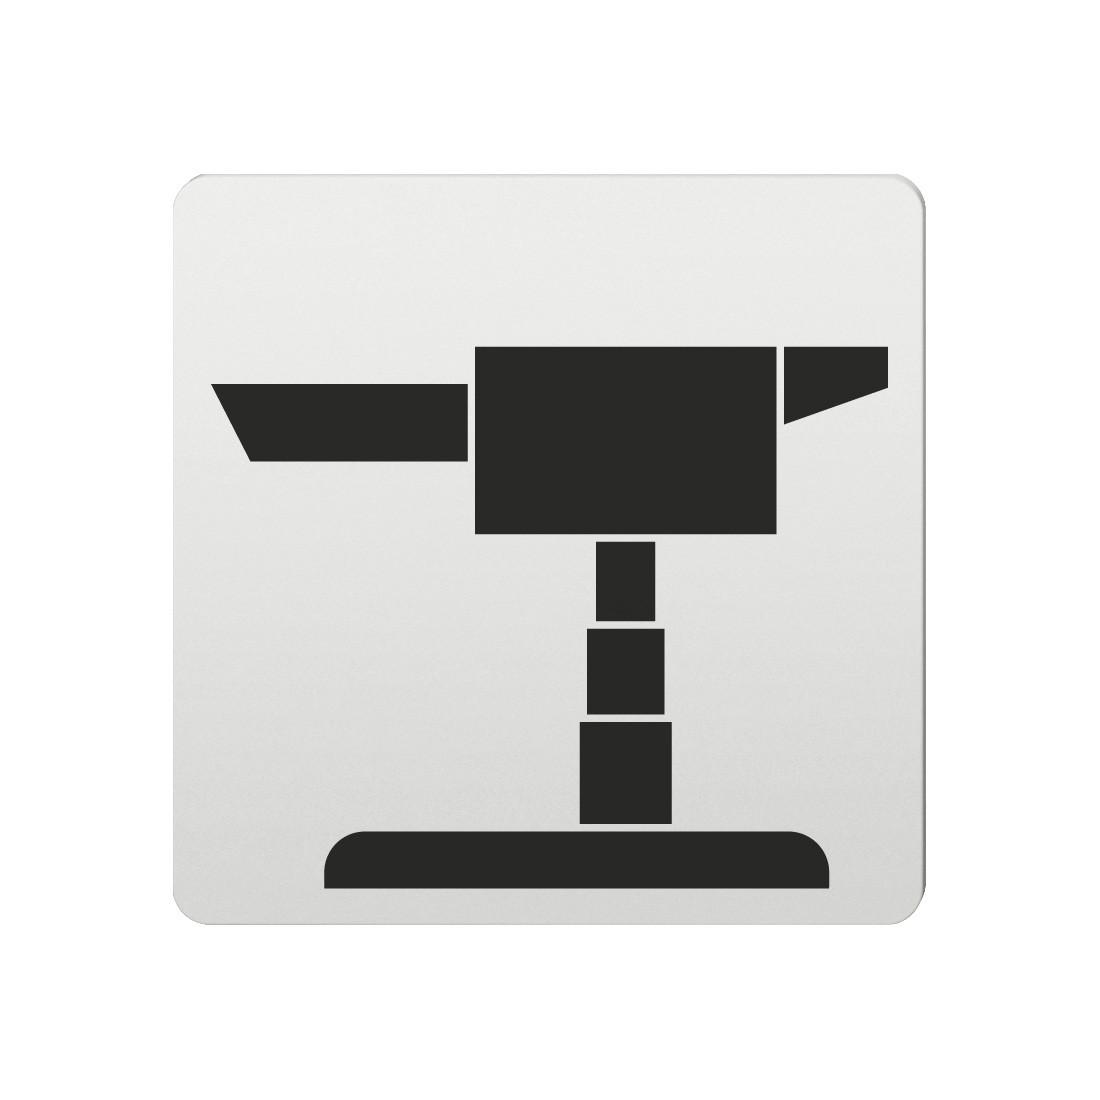 FSB Hinweiszeichen Fernsehen Lasergraviert Aluminium naturfarbig (0 36 4059 00233 0105)